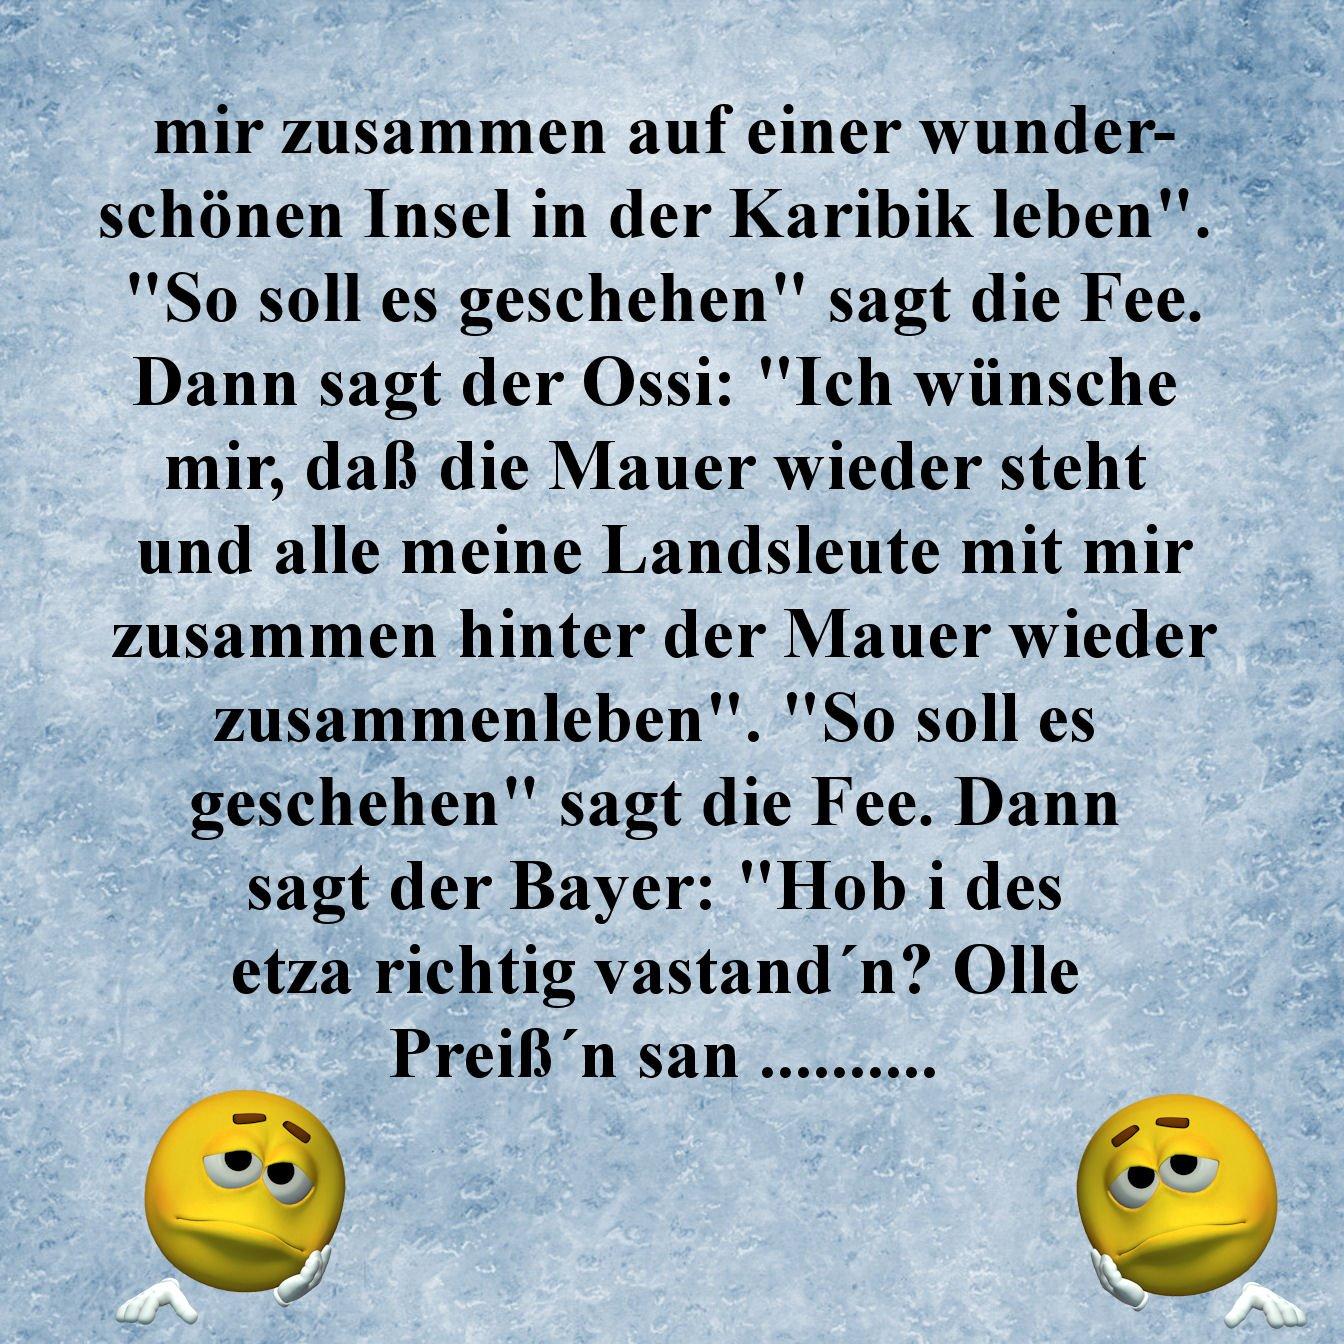 Bayern Witze Bilder